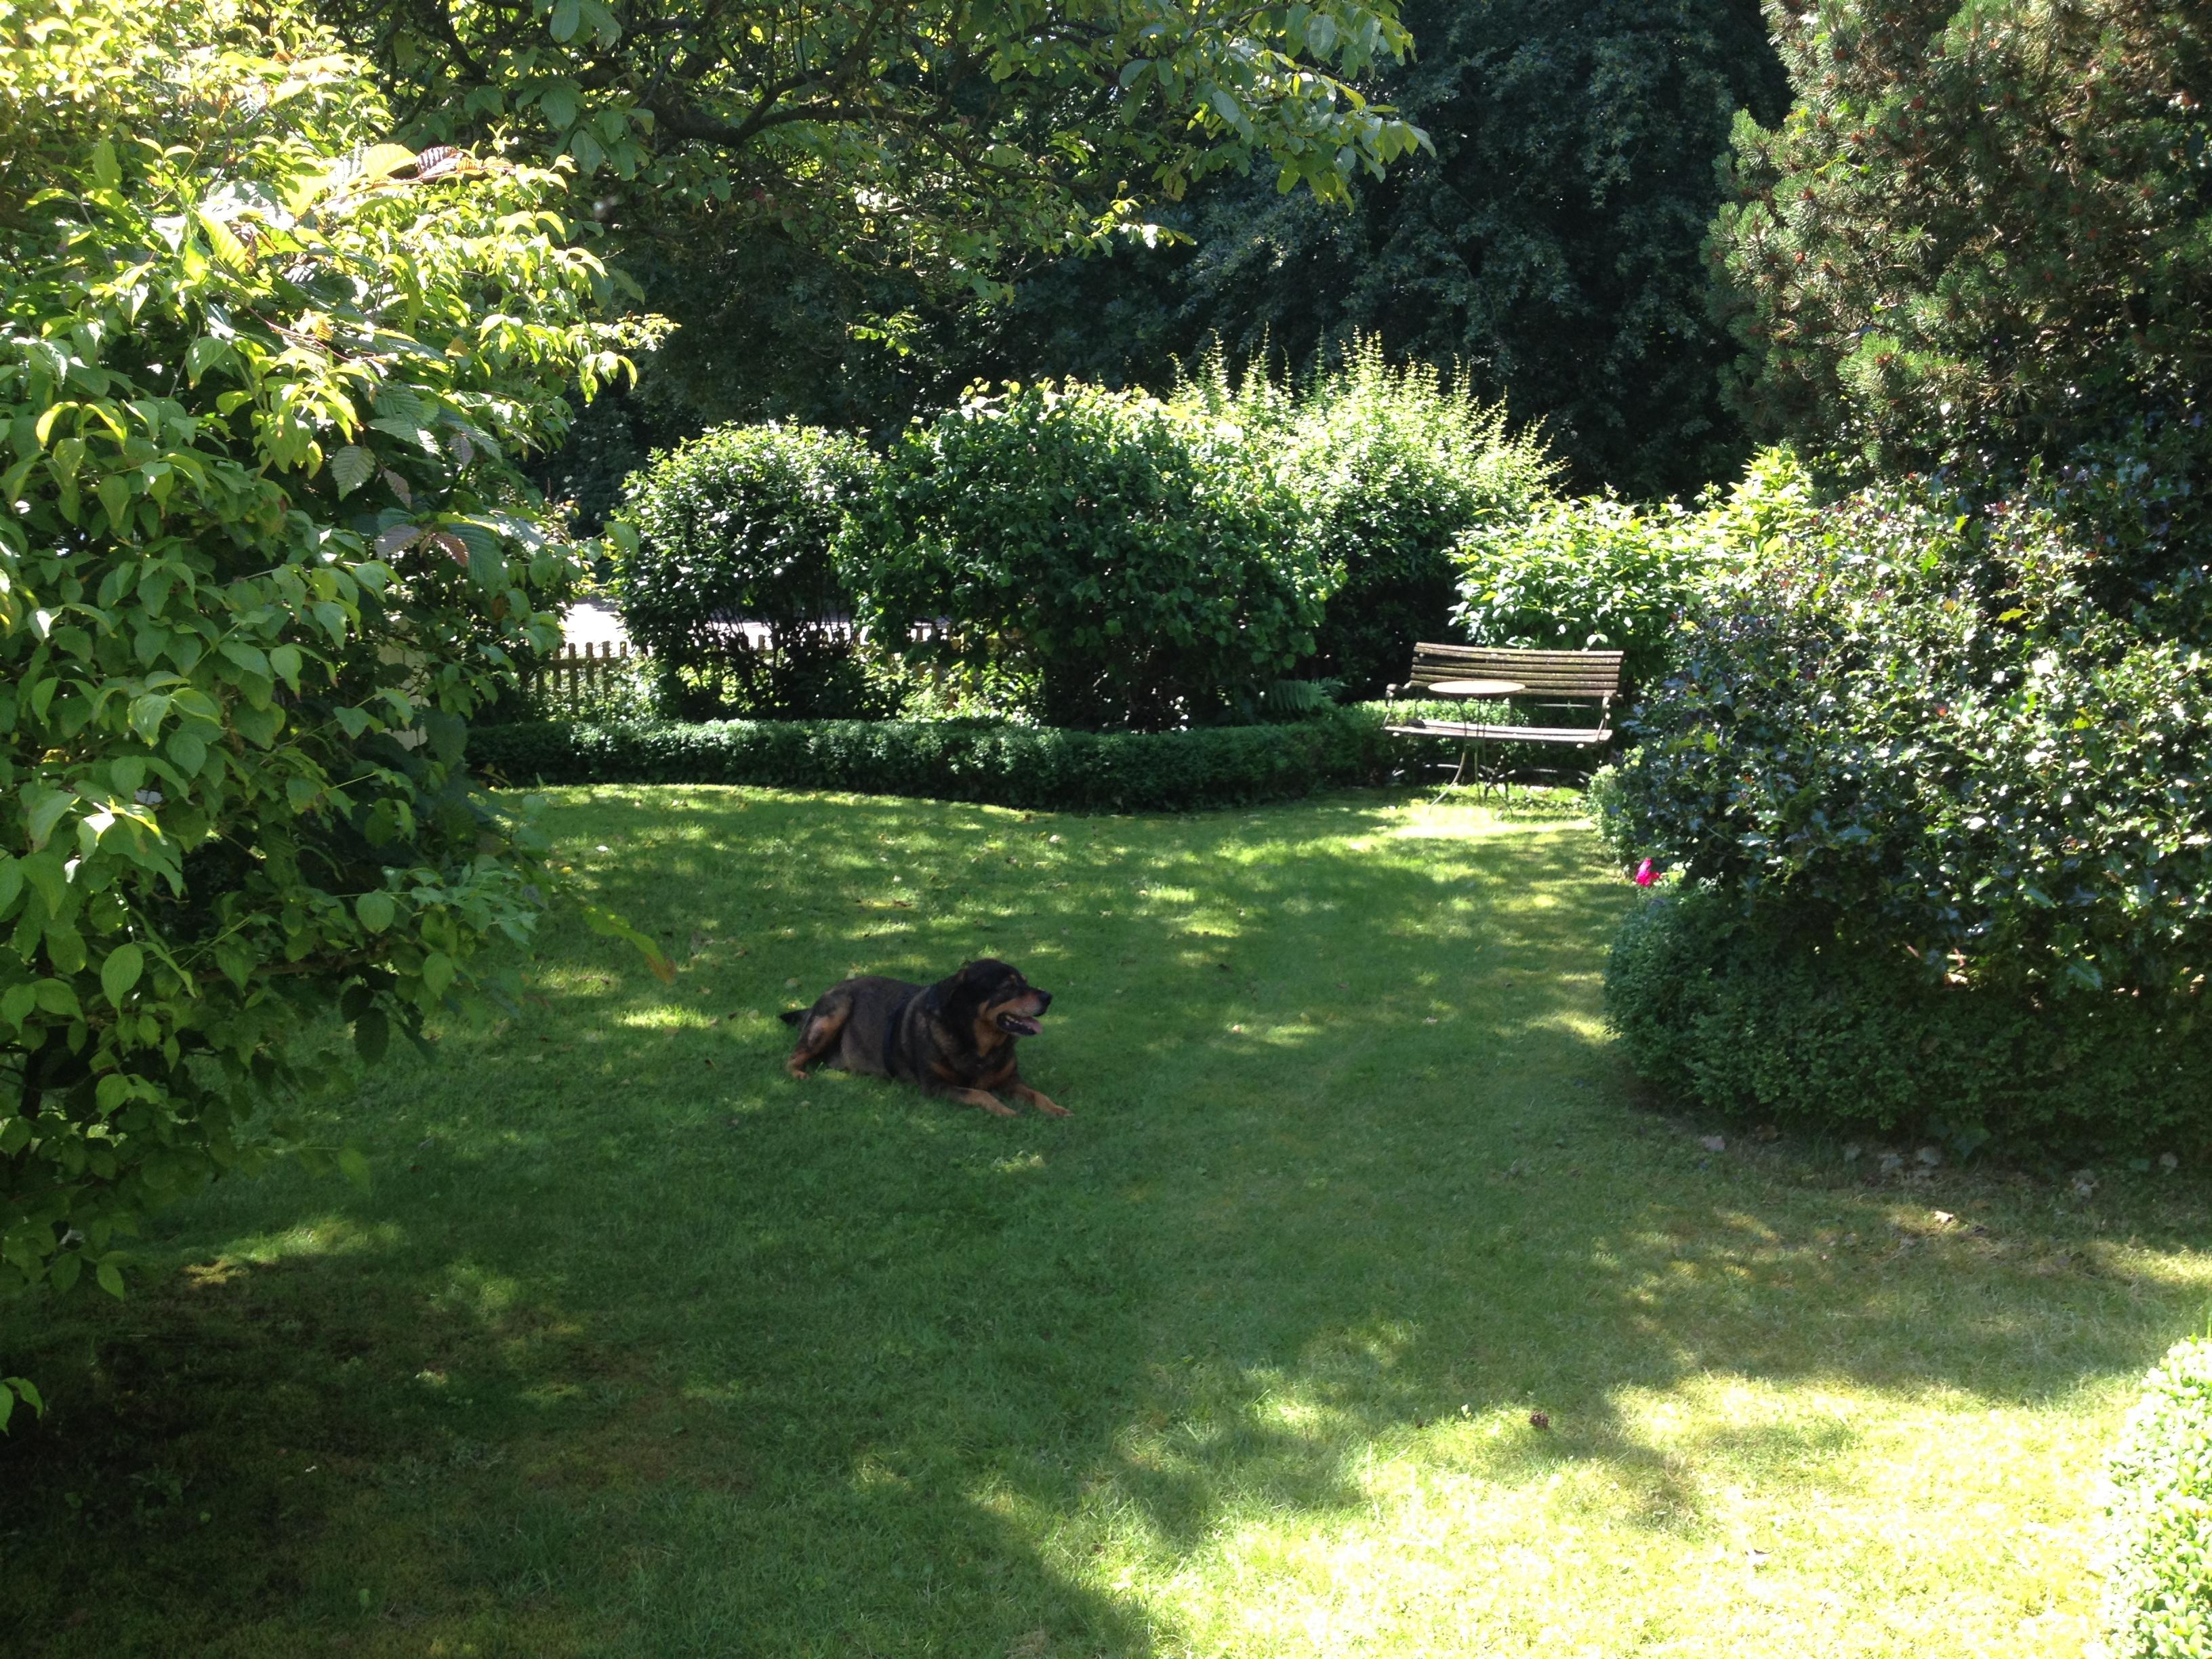 Schöner Garten: auch für den Urlaub mit Hund